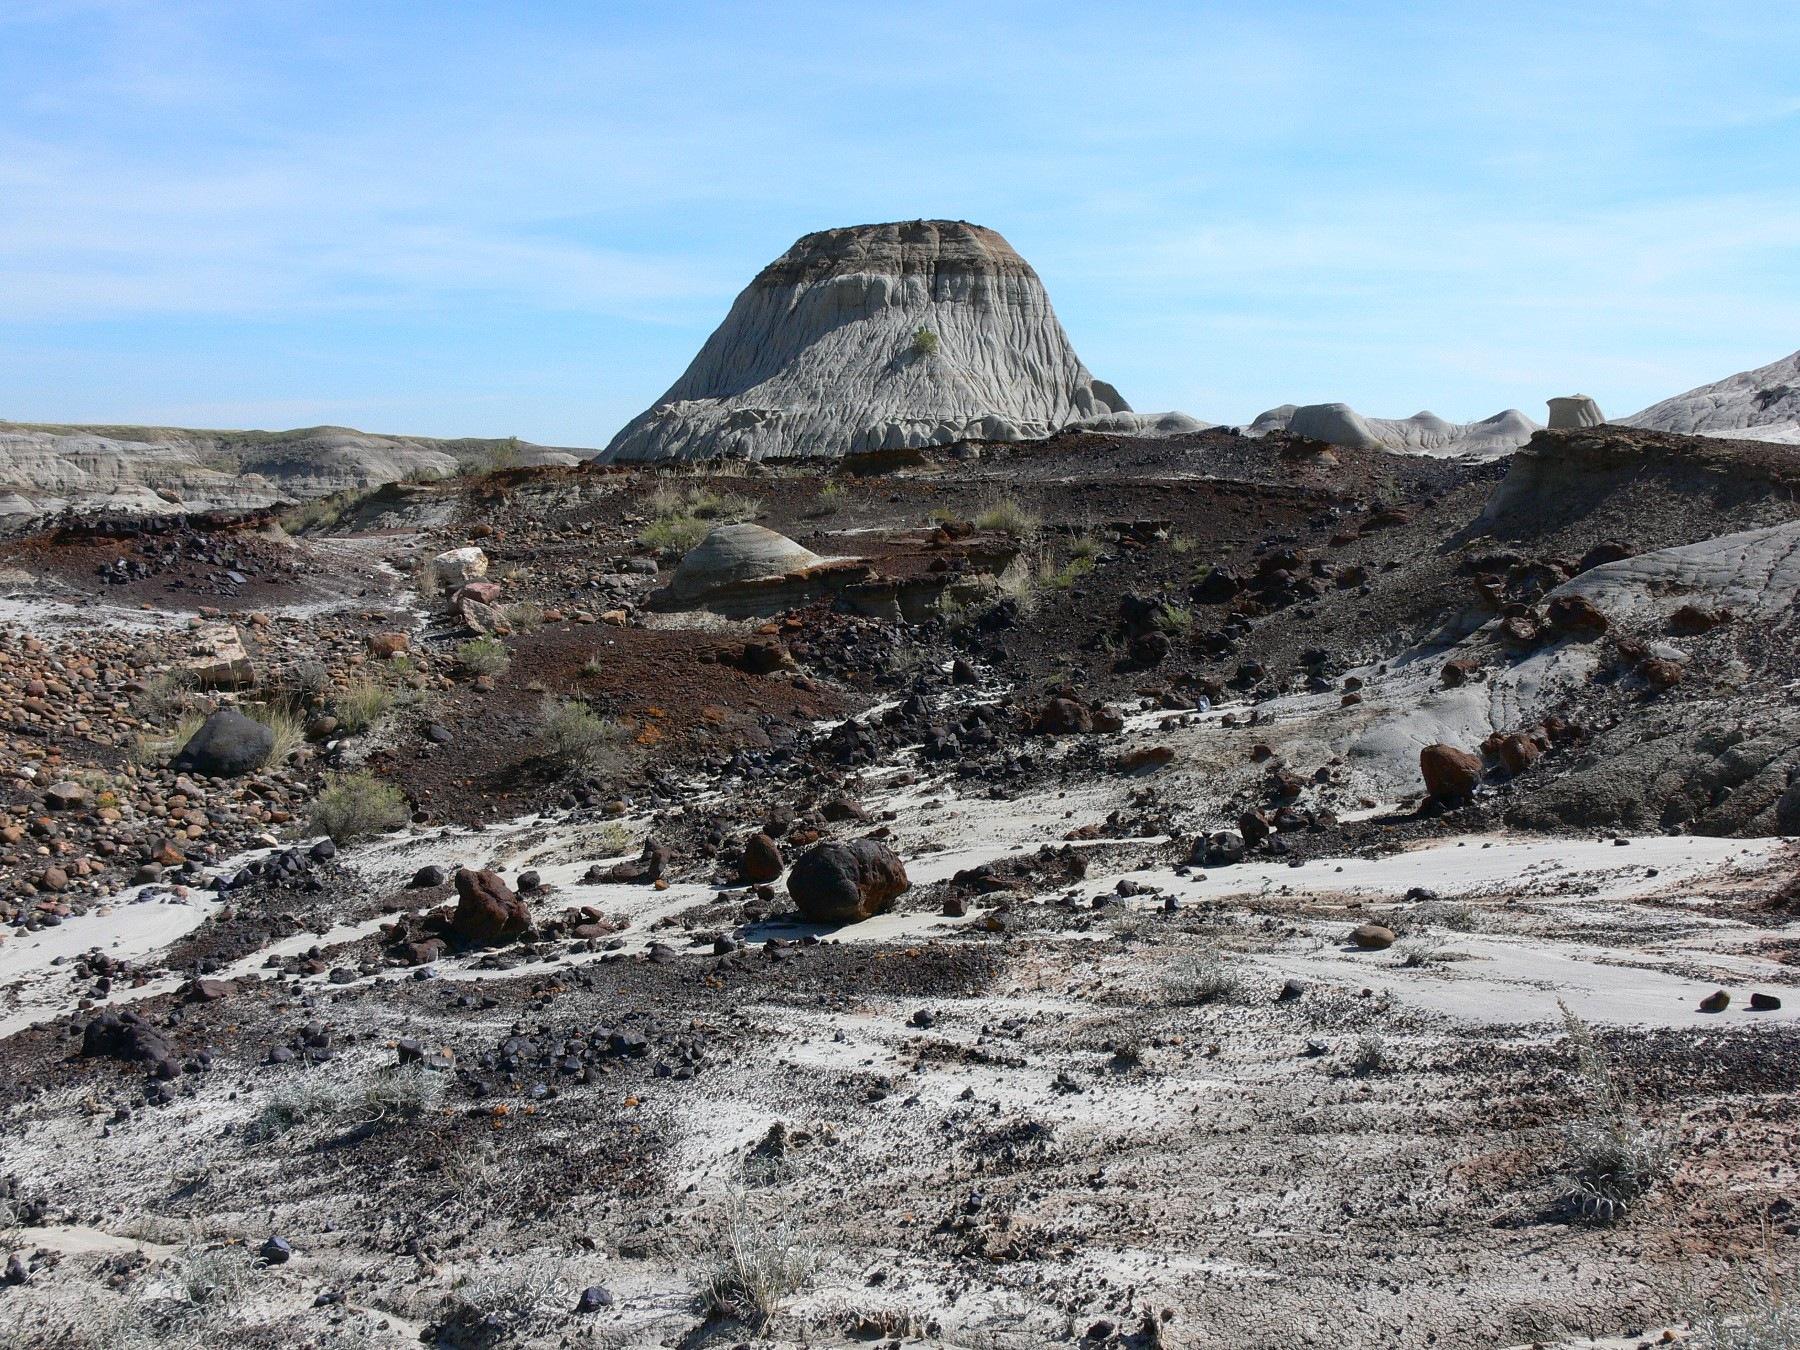 Dinosaur bone beds Red Deer River Alberta by Miloliidrifter